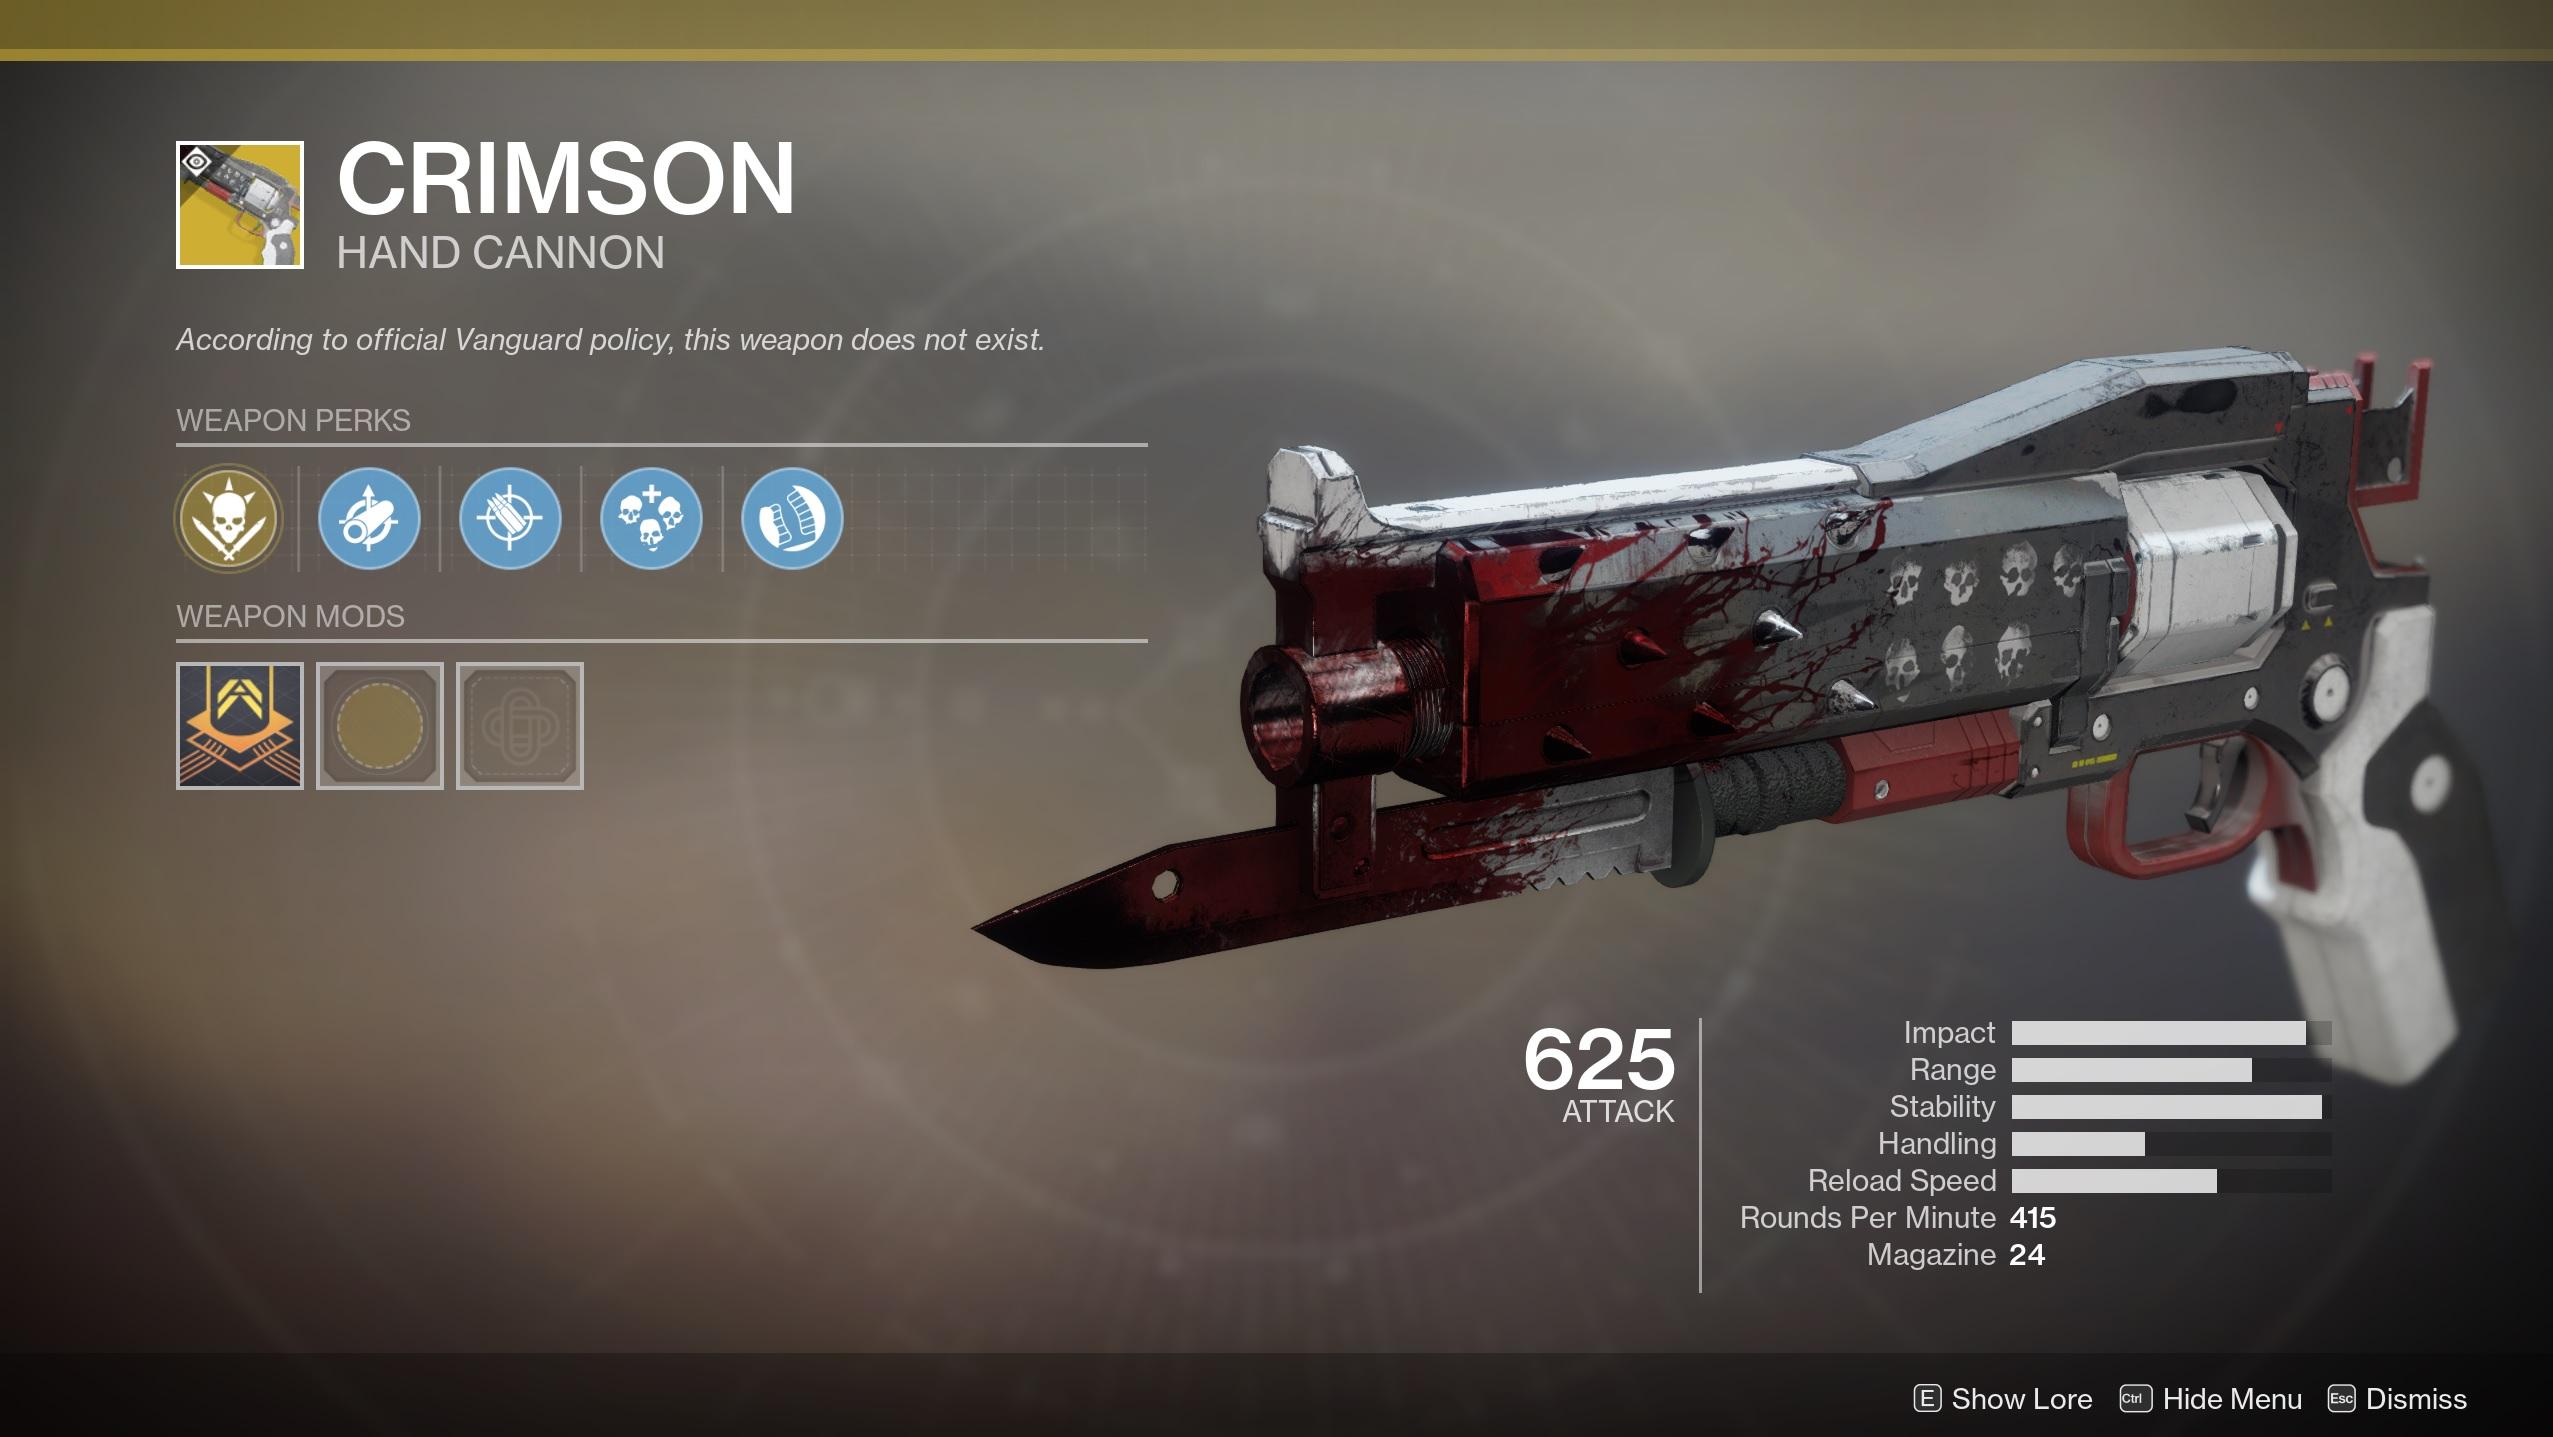 نتيجة بحث الصور عن destiny crimson hand cannon